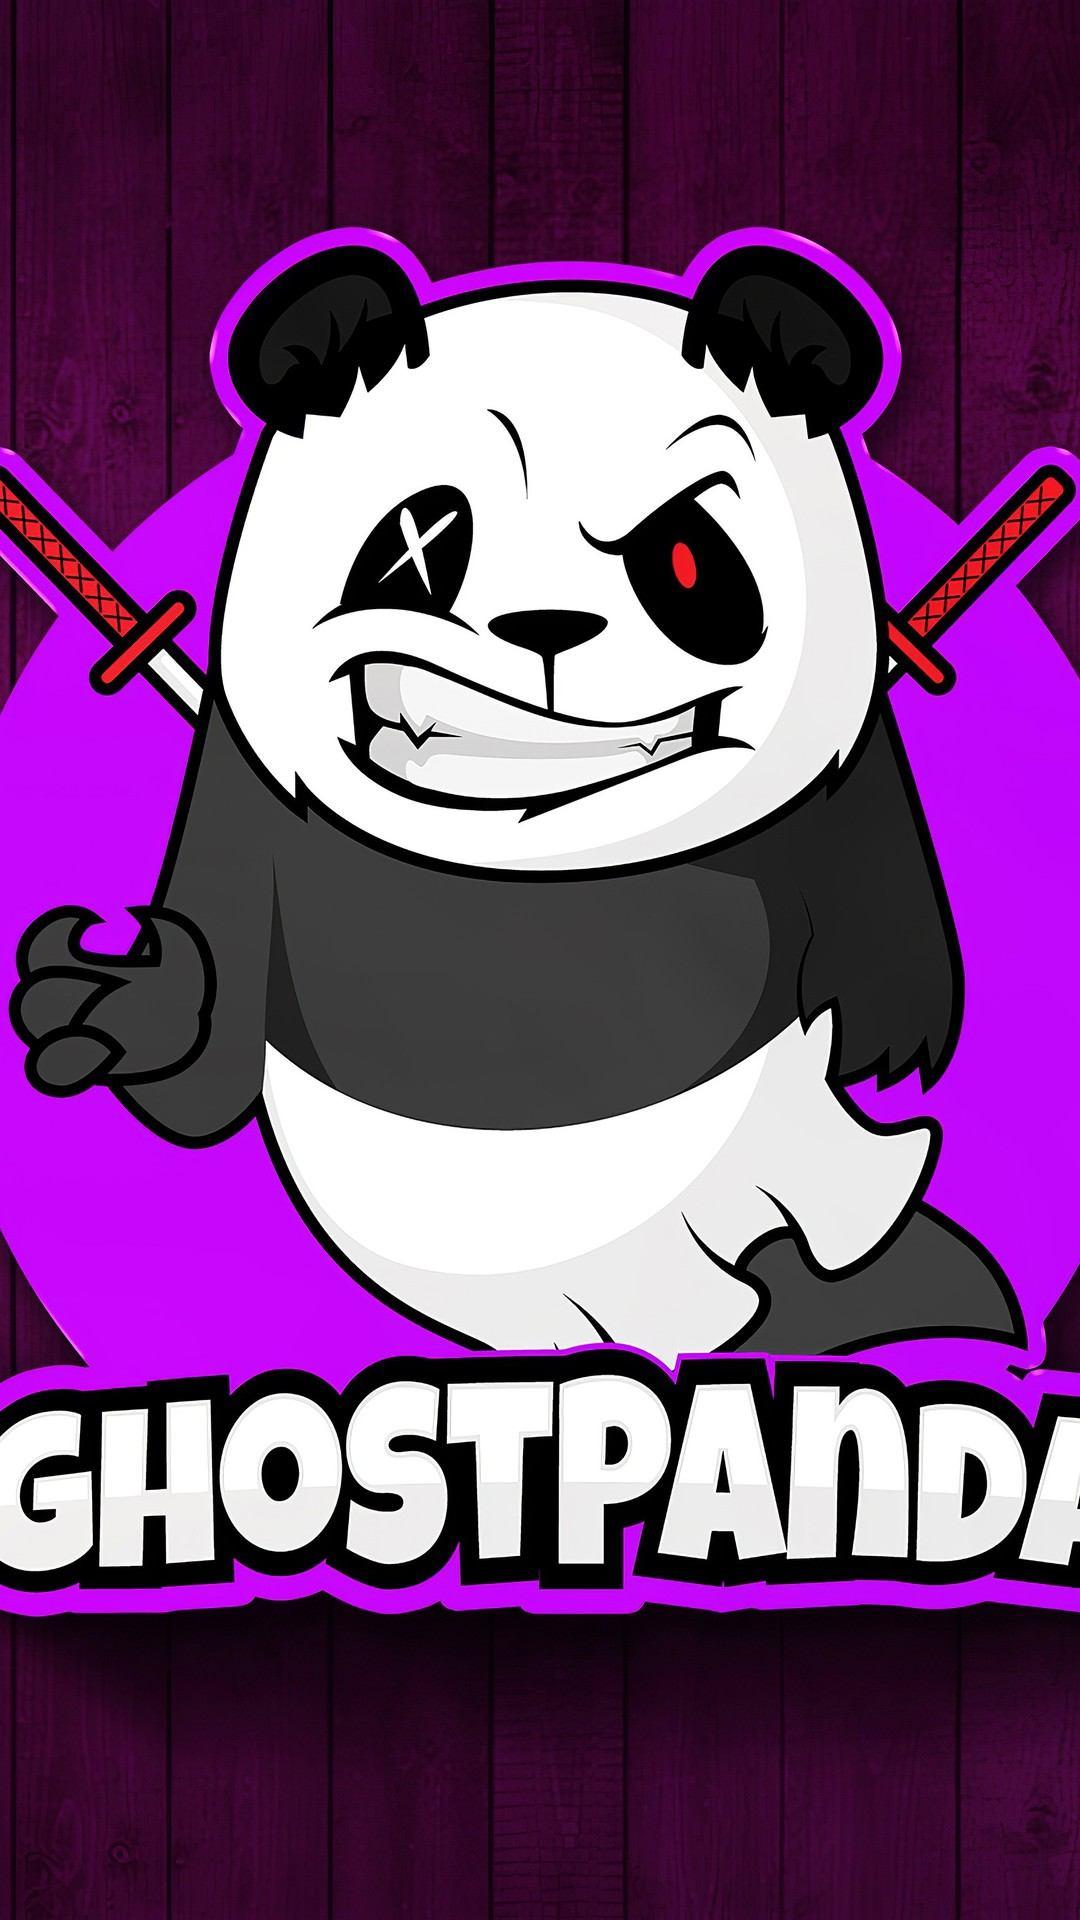 ghost panda 4k wi 1080x1920 - Pack de Fondos de Pantalla Minimalistas (+100 Imagenes)